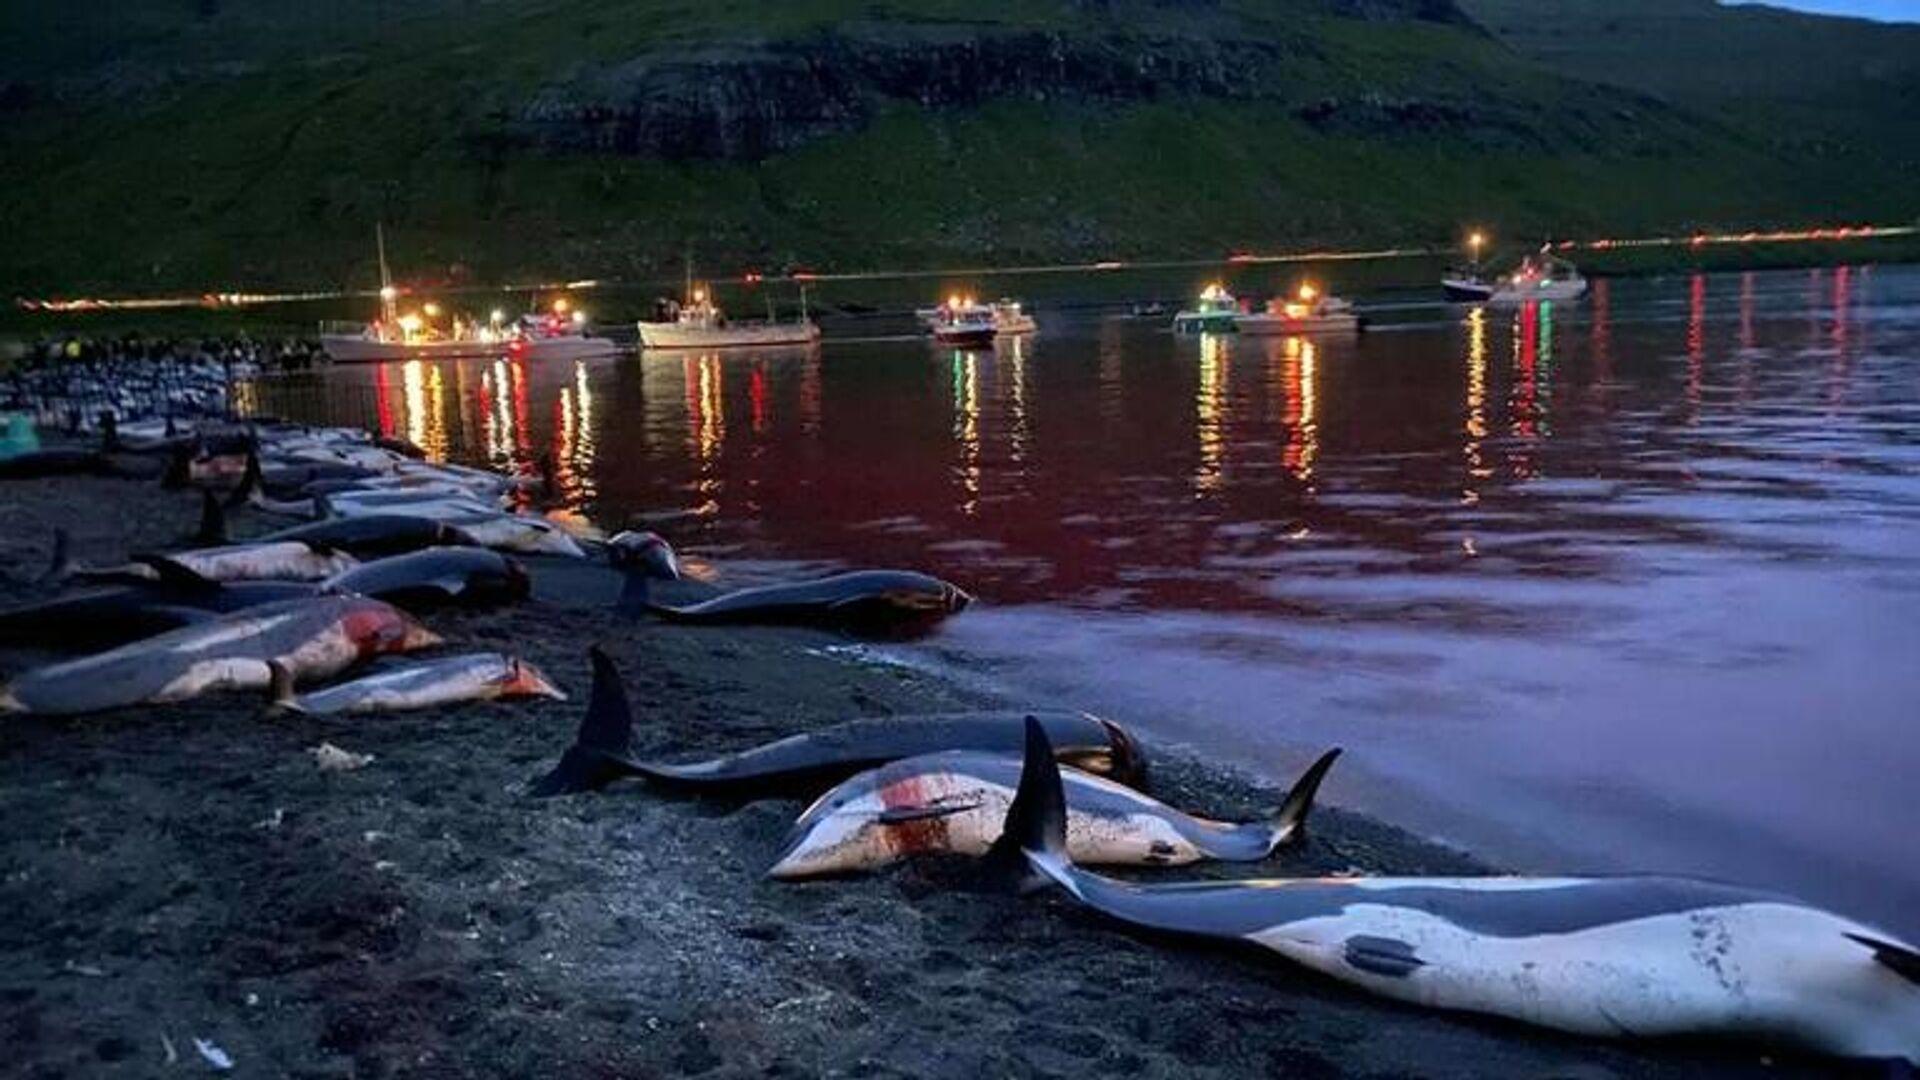 Faroe Adaları'nda kanlı av: Bin 500 yunus katledildi - Sputnik Türkiye, 1920, 14.09.2021